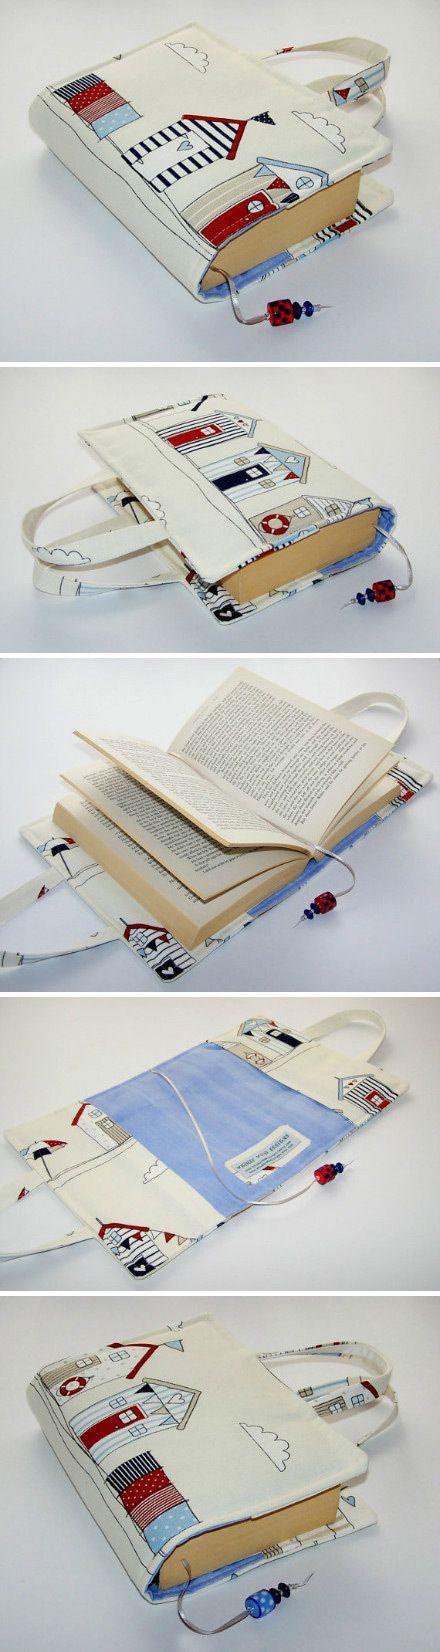 handmade book cover zuk nftige projekte sewing diy und crafts. Black Bedroom Furniture Sets. Home Design Ideas